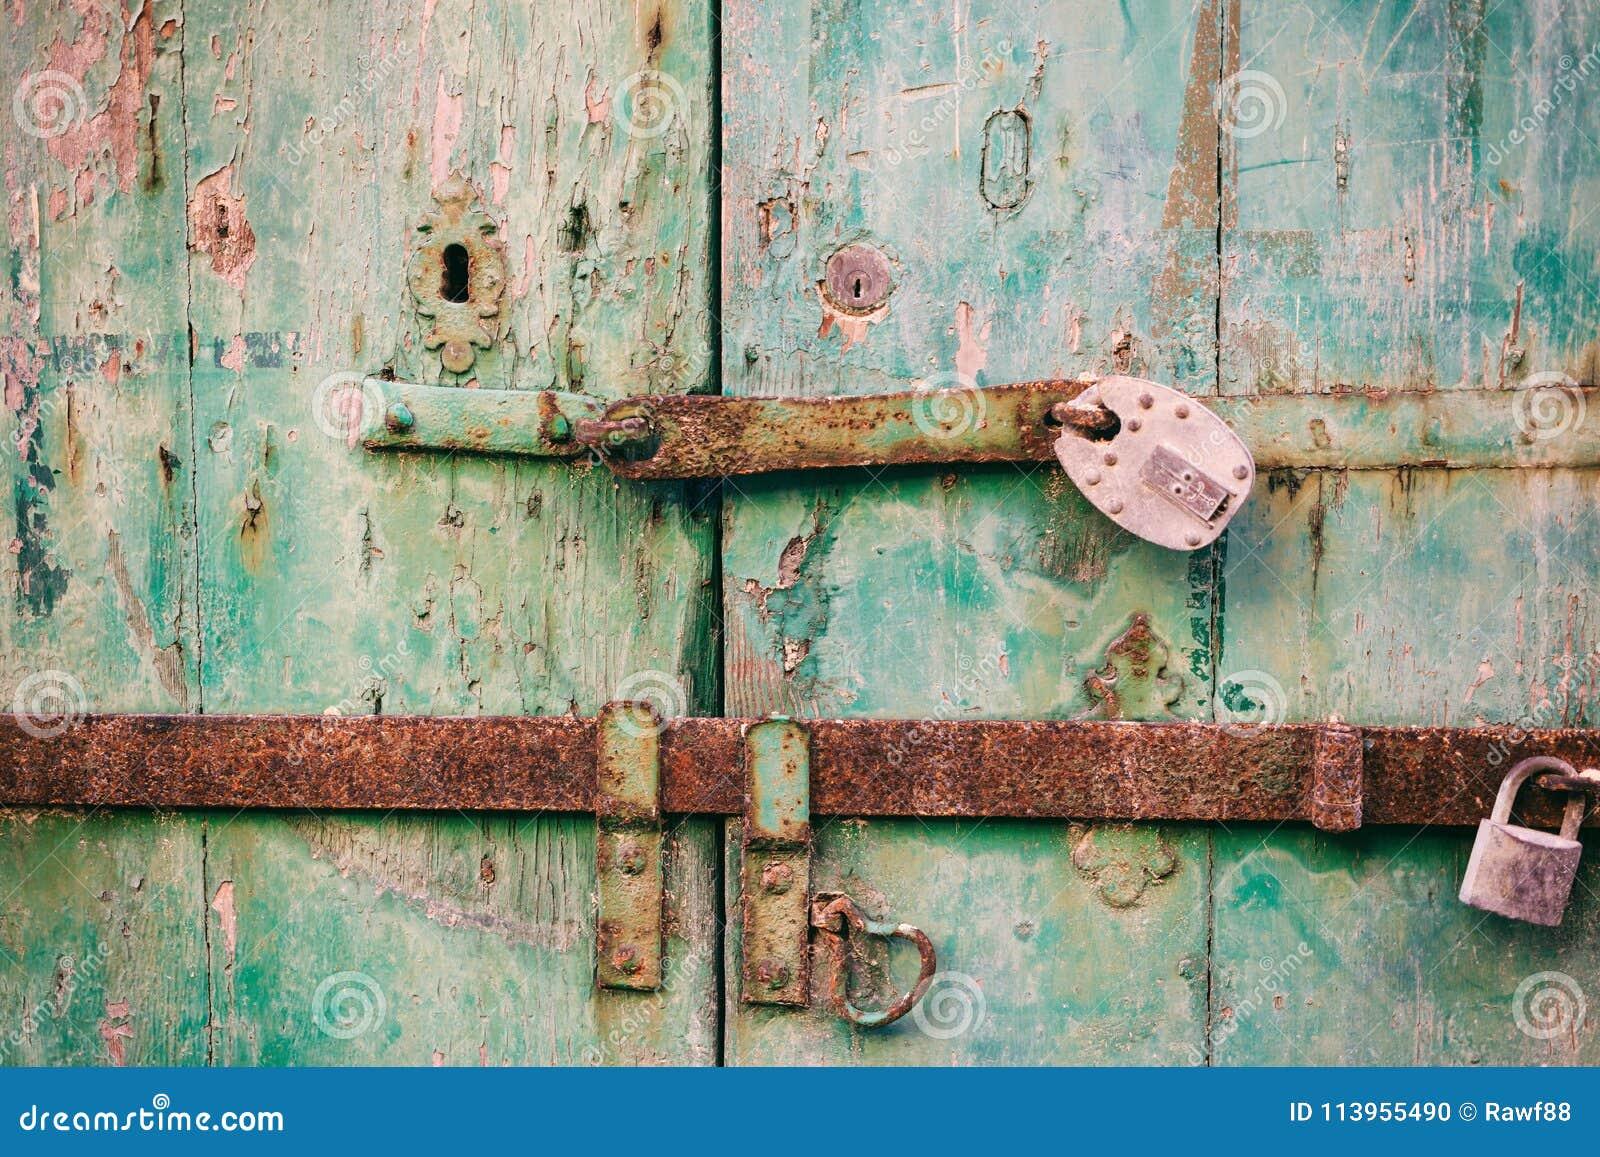 Portello Locked Vecchi lucchetti arrugginiti chiusi su una porta di legno afflitta